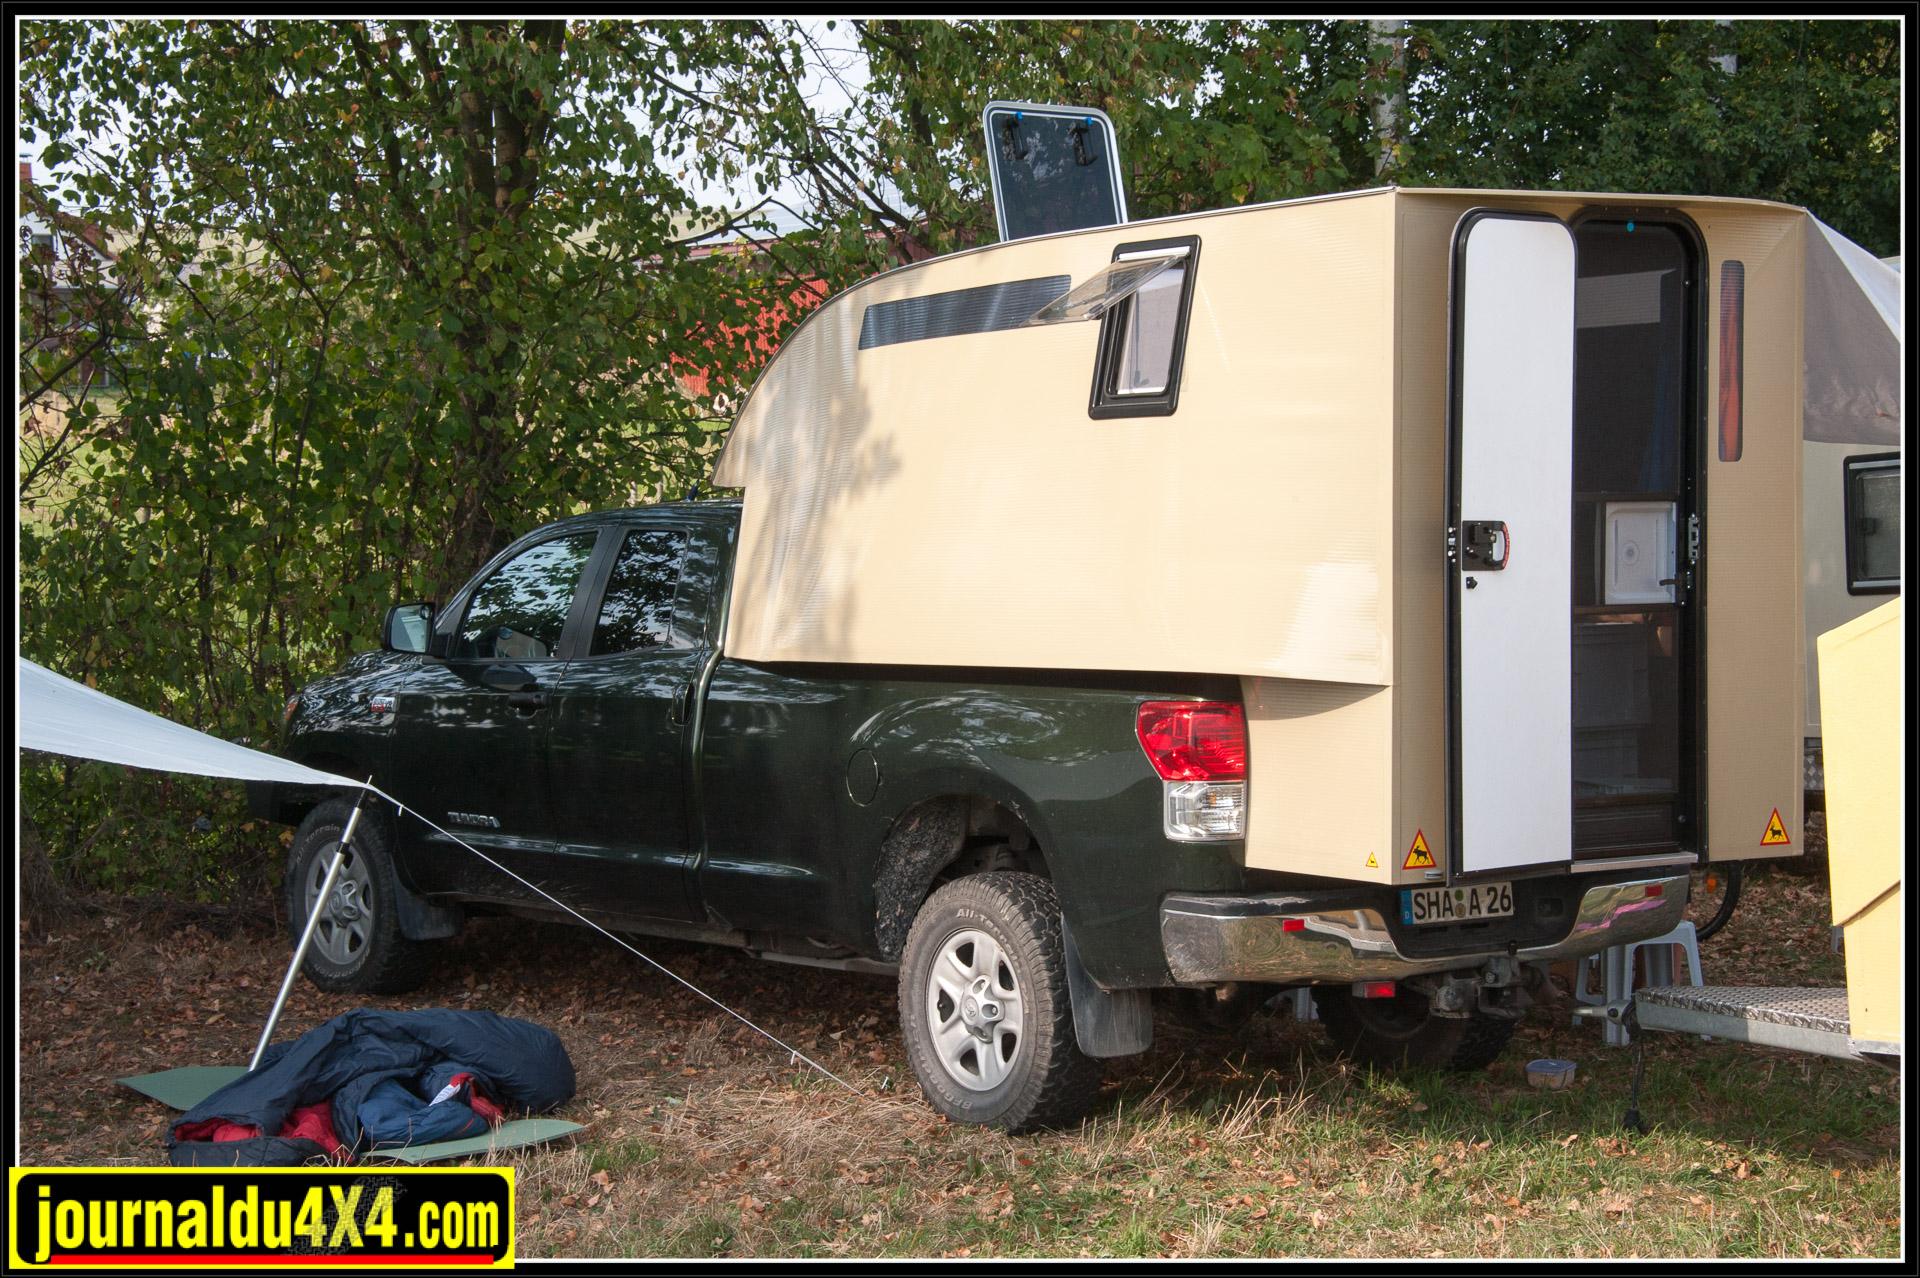 Même bien caché, nous l'avons déniché. Le seul Toyota Tundra du bivouac. Véhicule fabriqué aux Etats-Unis et équipé de moteurs essence V6 ou V8 avec des cylindrées allant de 4 litres à 5,7 litres.